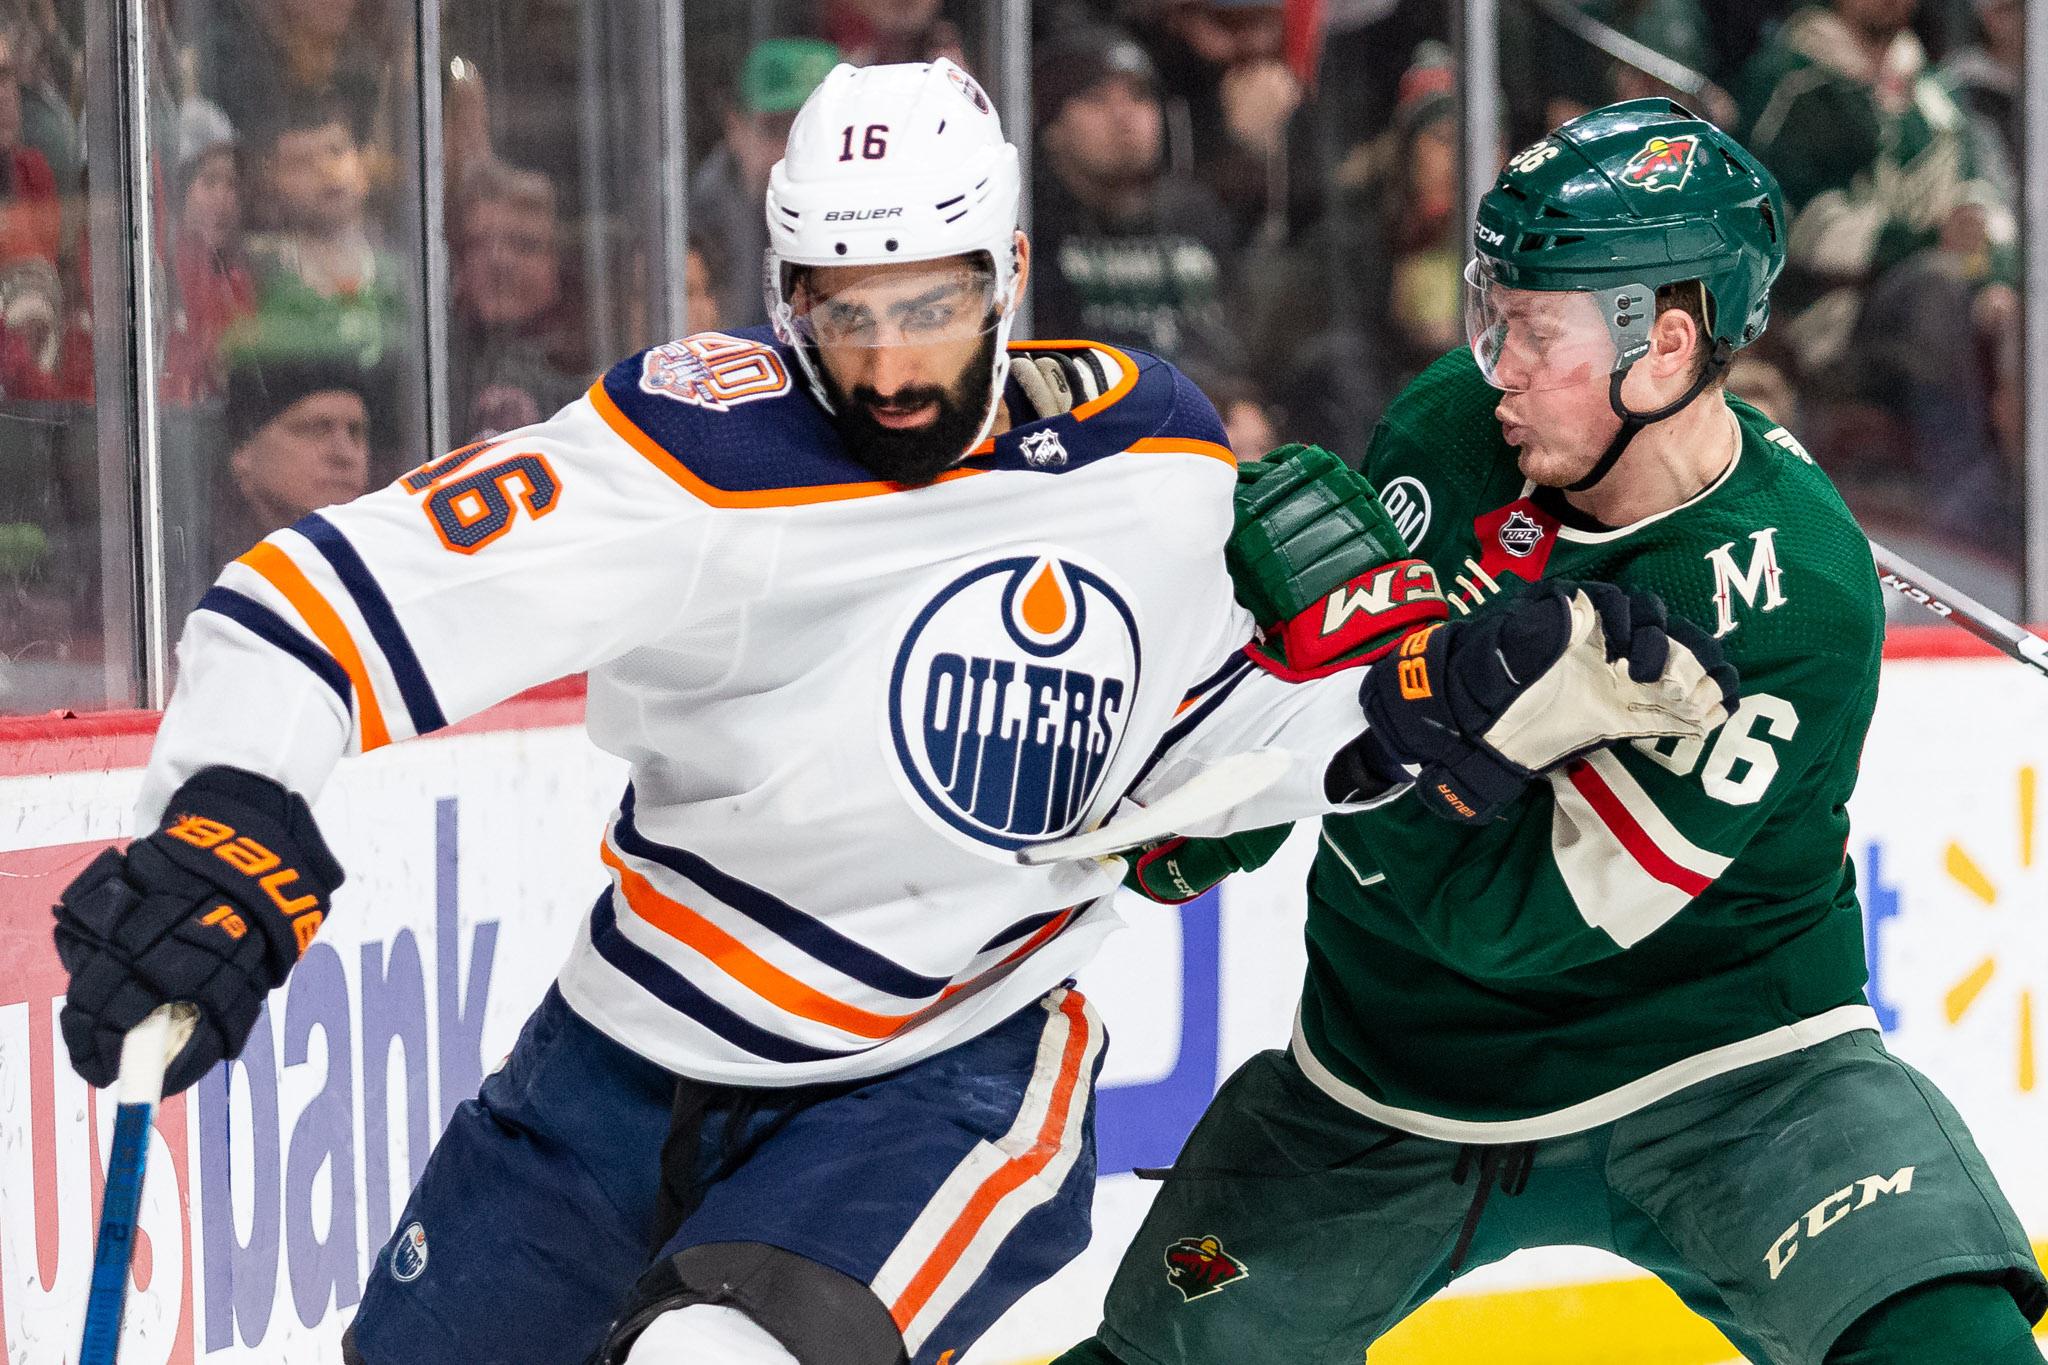 NHL: Edmonton Oilers at Minnesota Wild